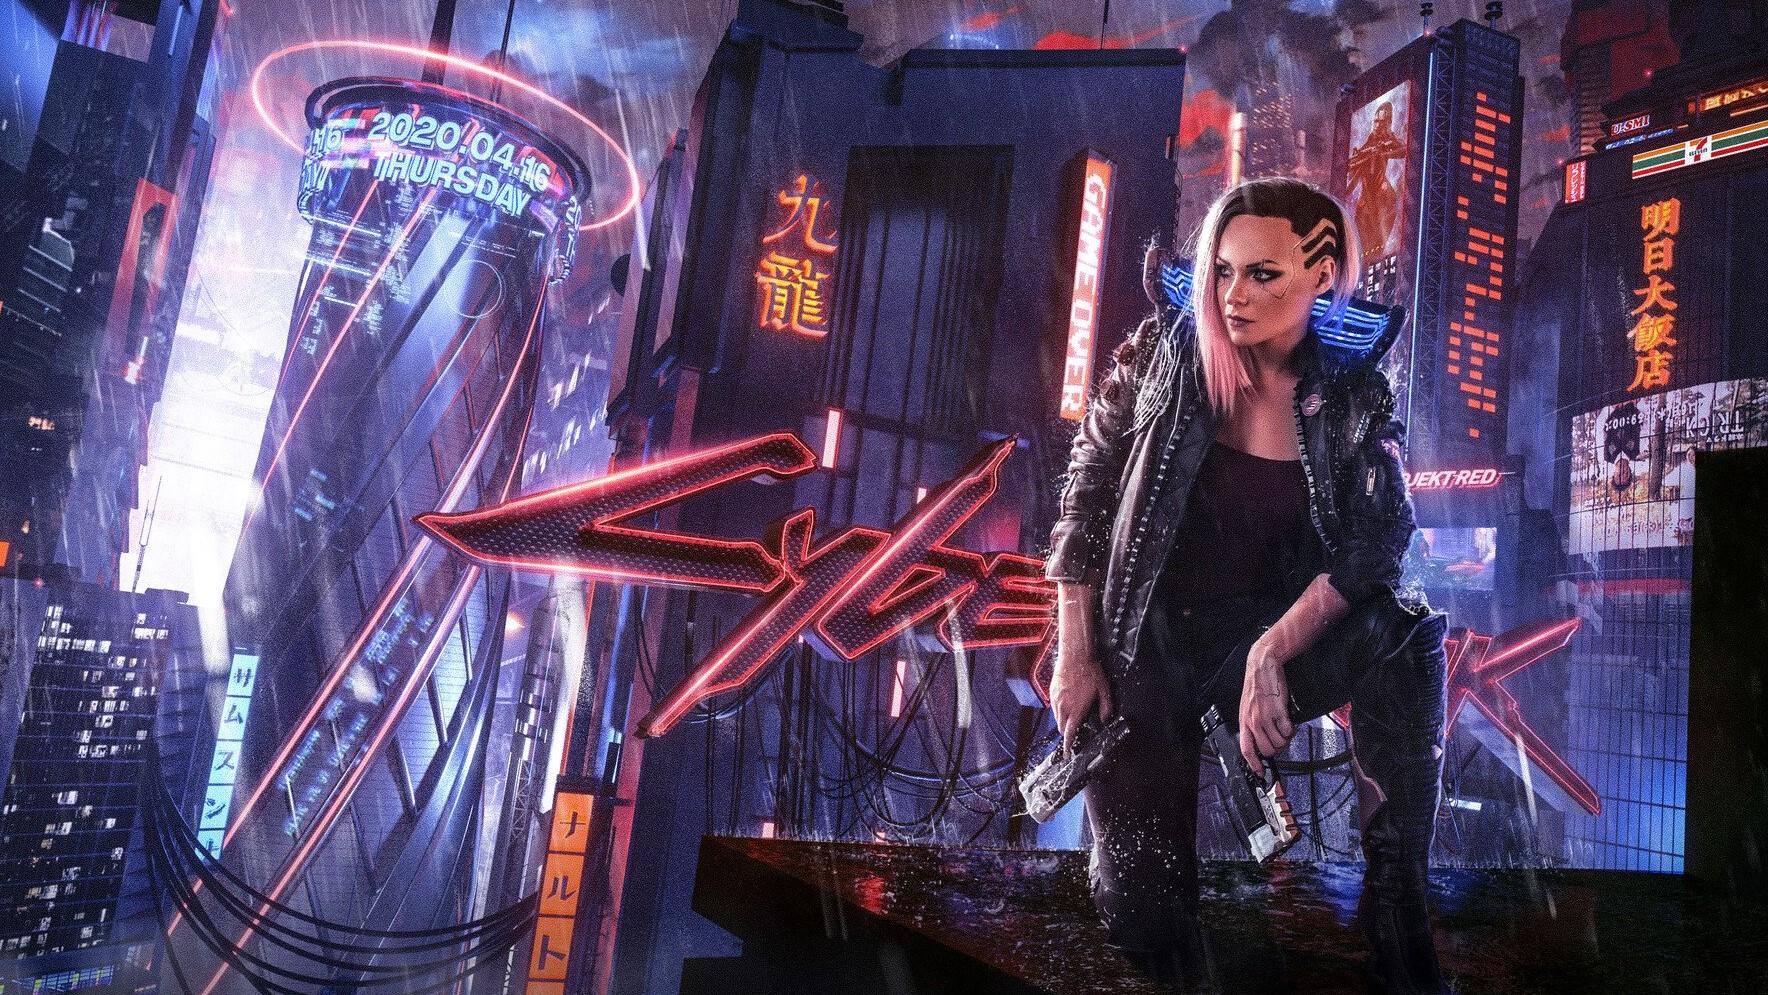 Cyberpunk 2077 fuite à deux semaines de sa sortie